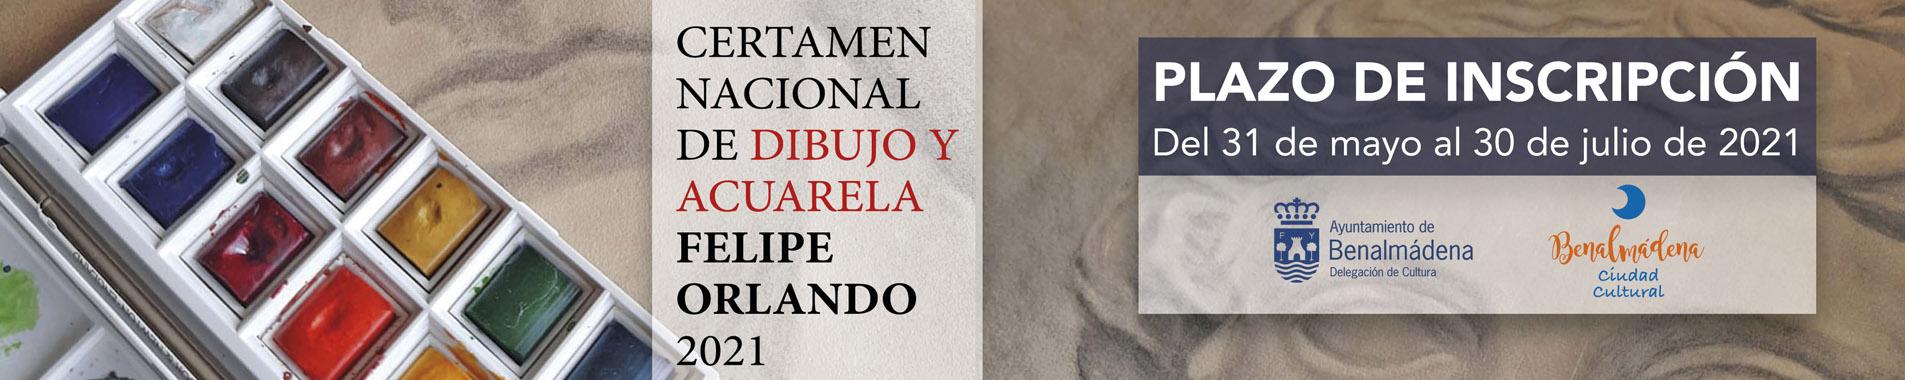 Certamen Nacional de Dibujo y Acuarela Felipe Orlando 2021